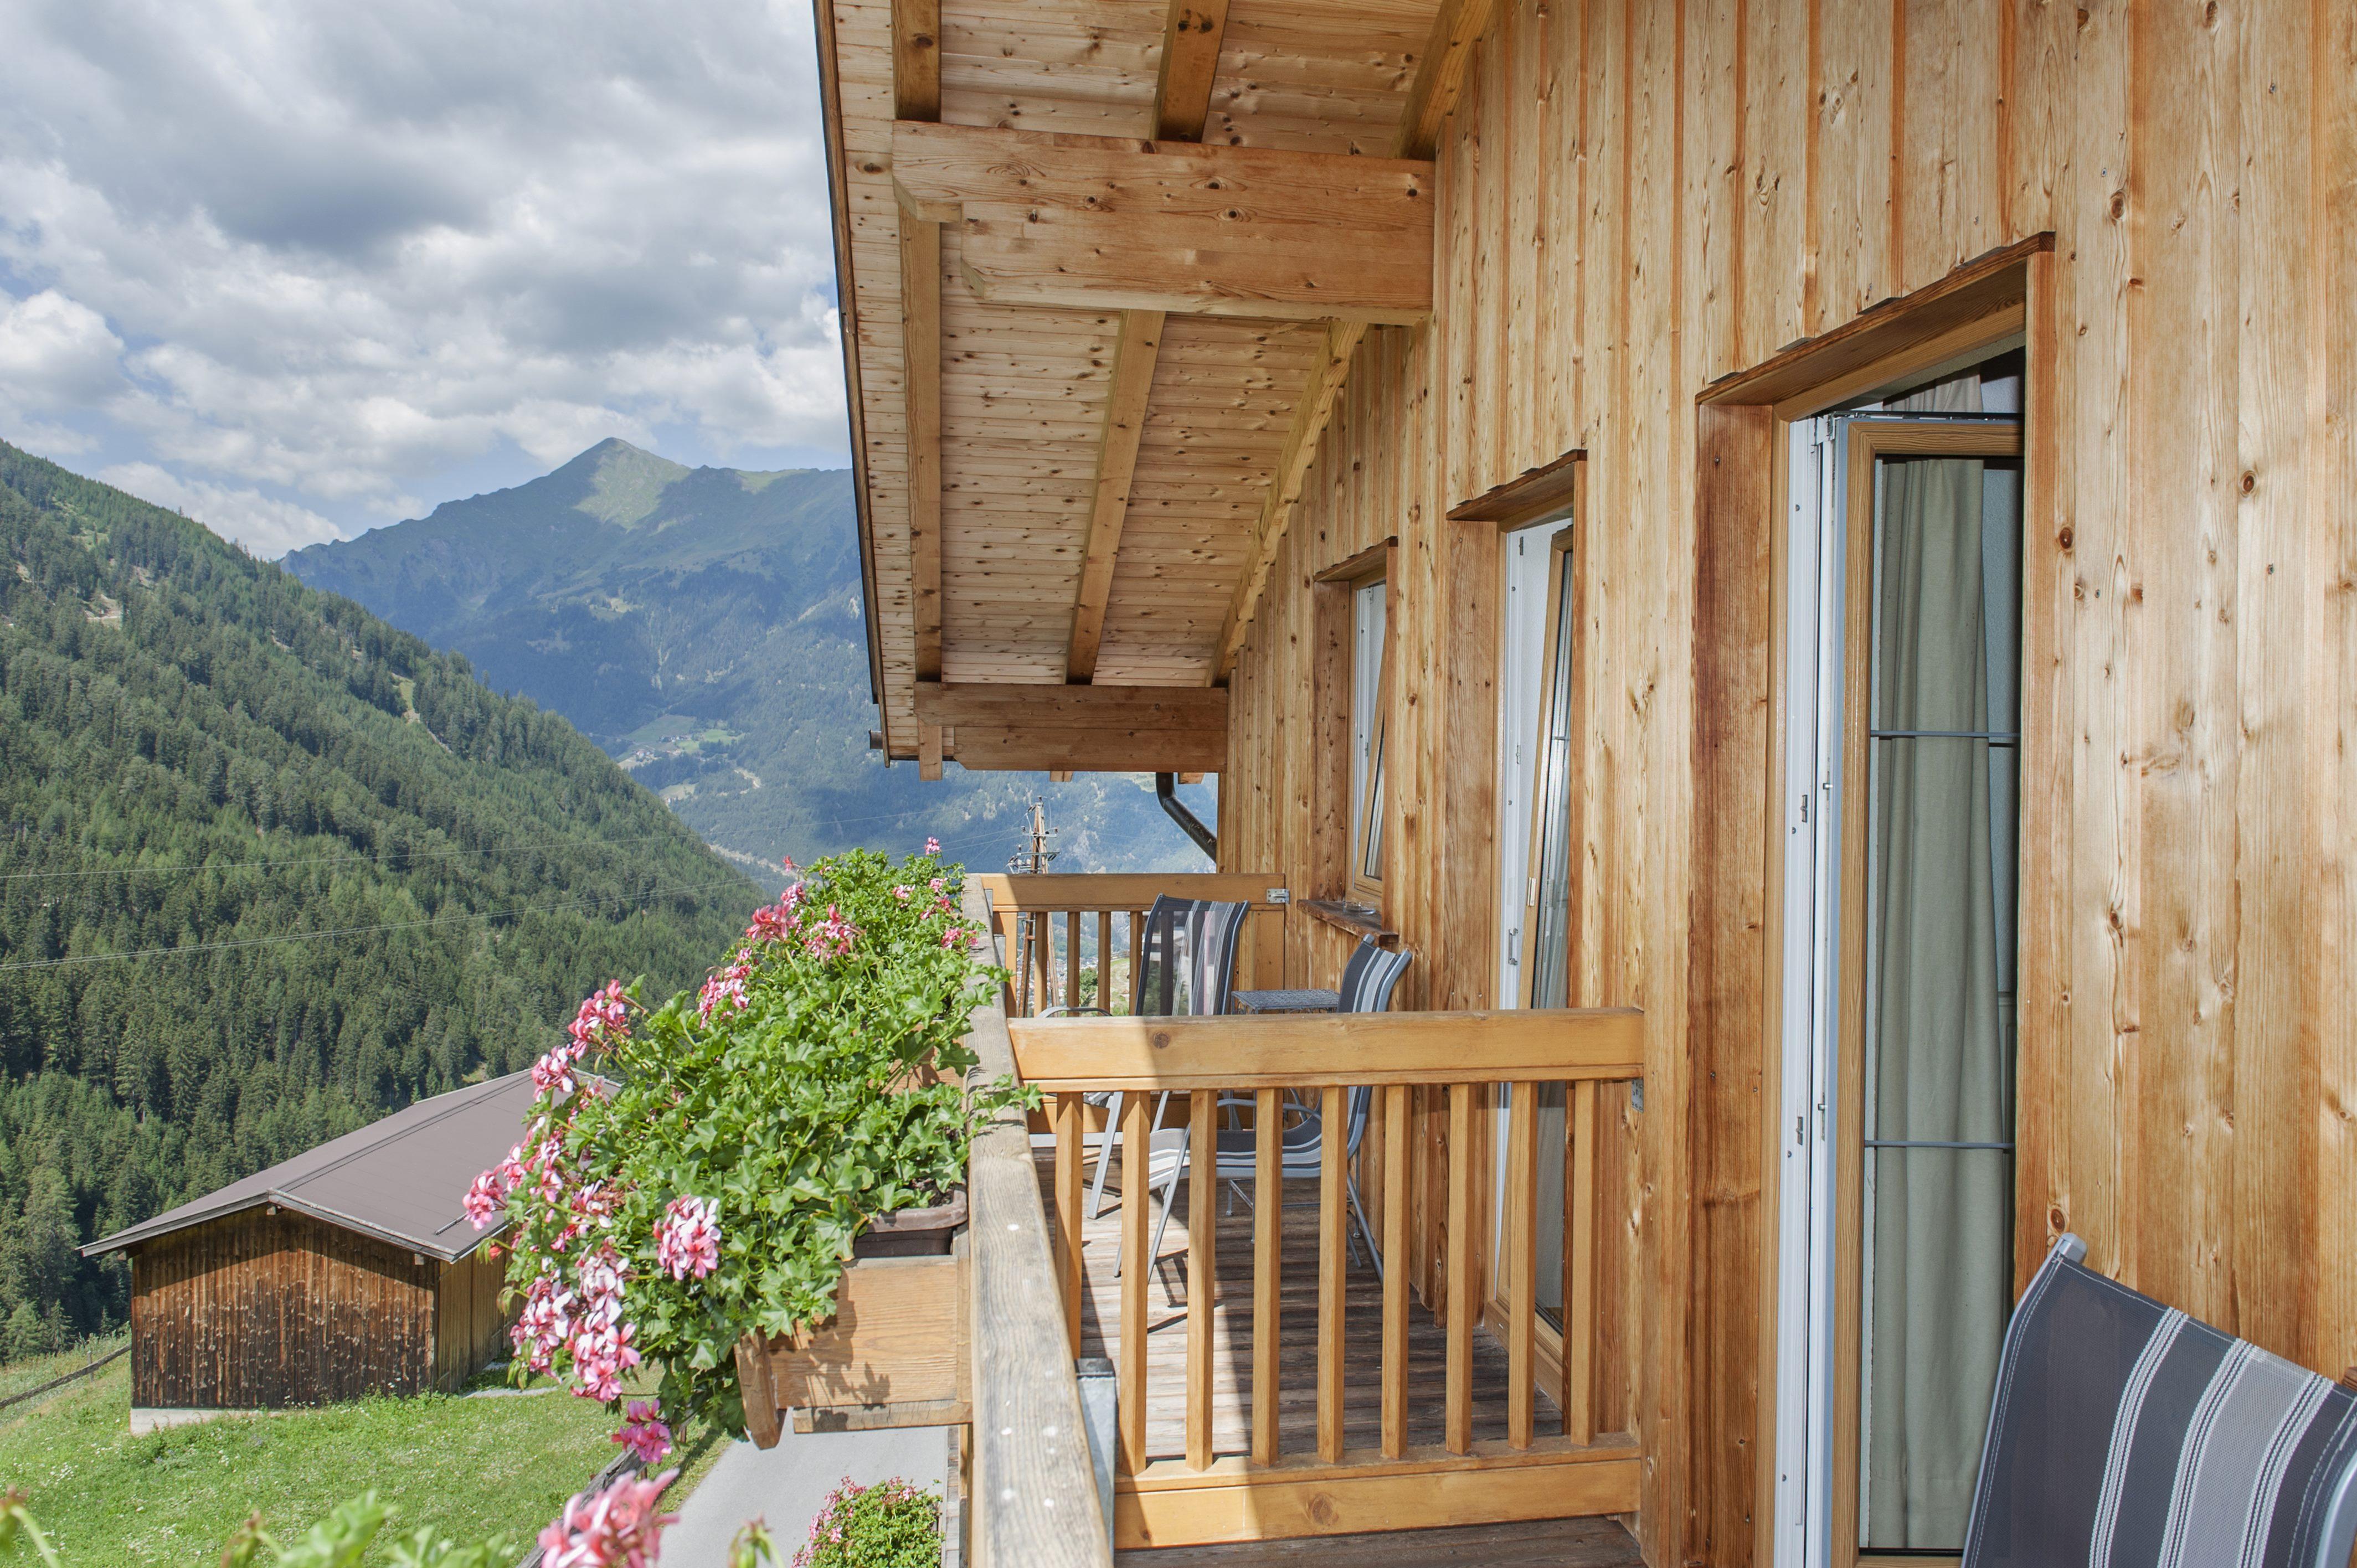 Aussicht vom Balkon (c) elikrismer